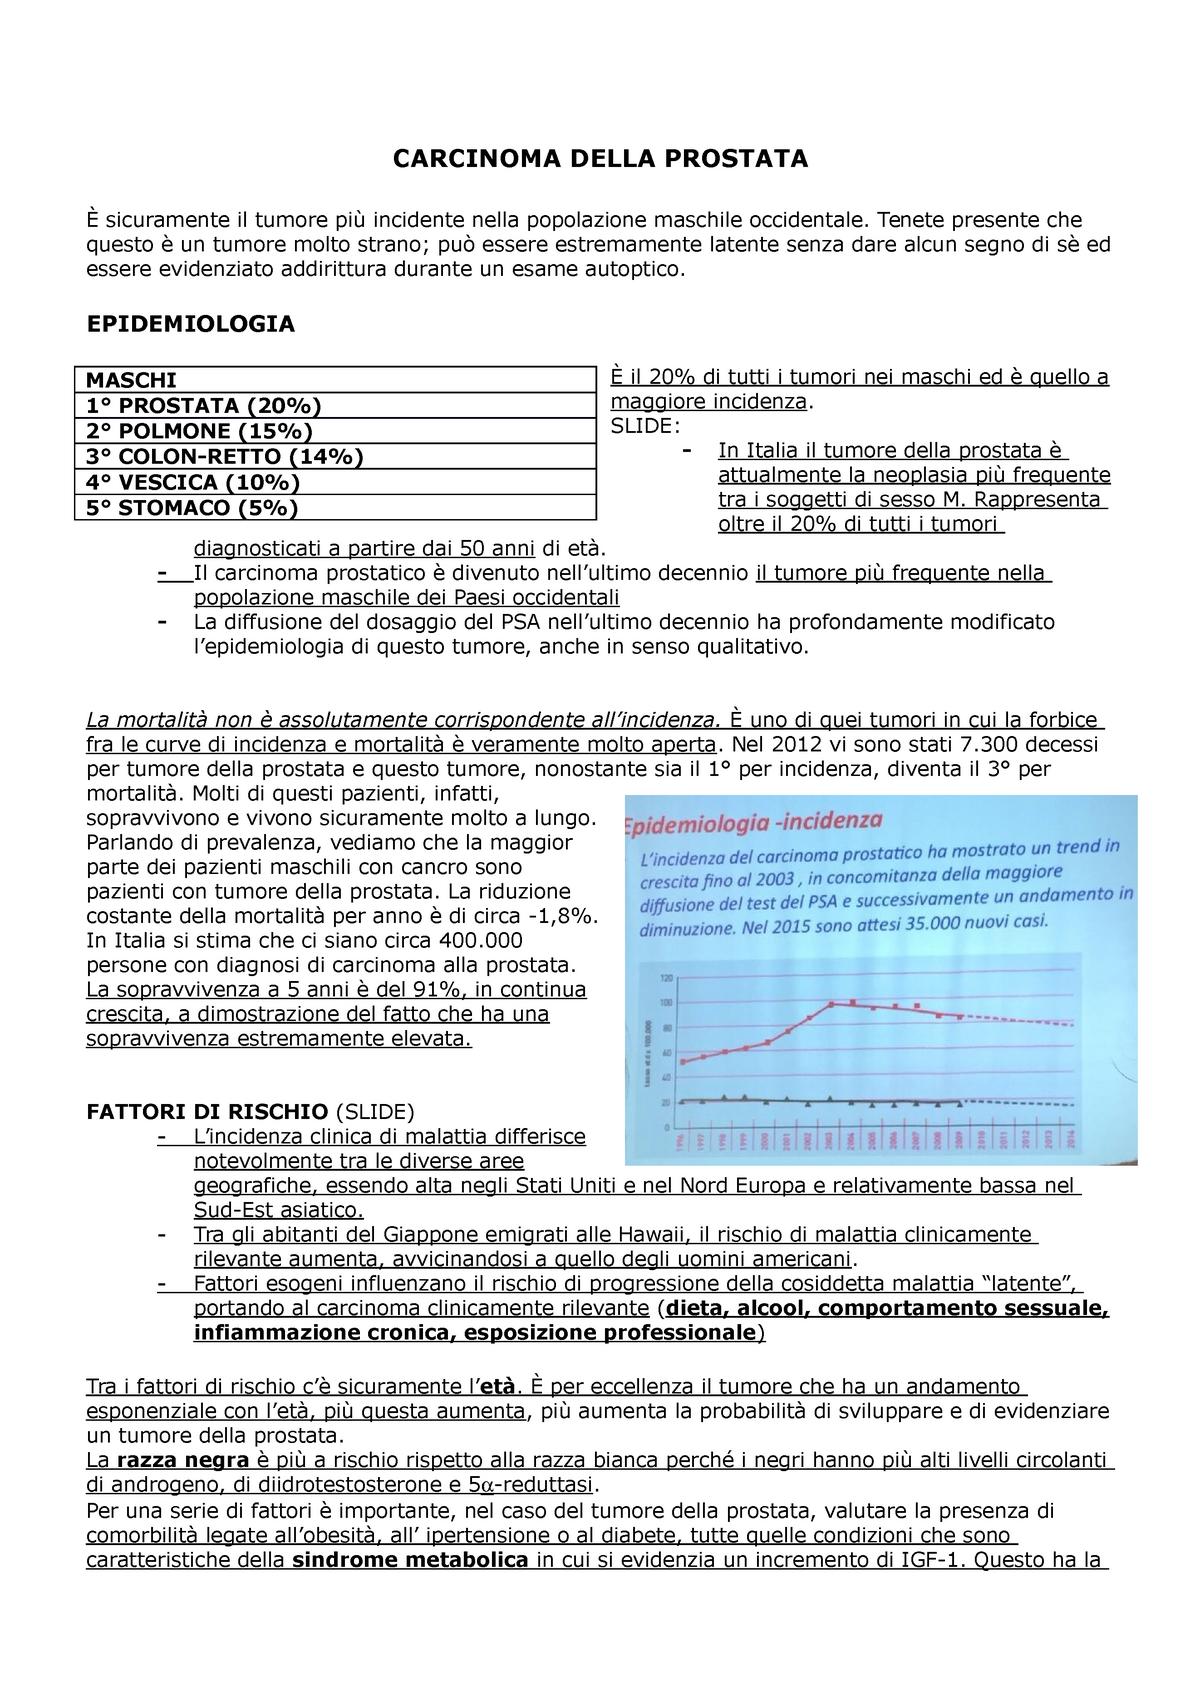 dichiarare la funzione della prostata e delle vescicole seminali